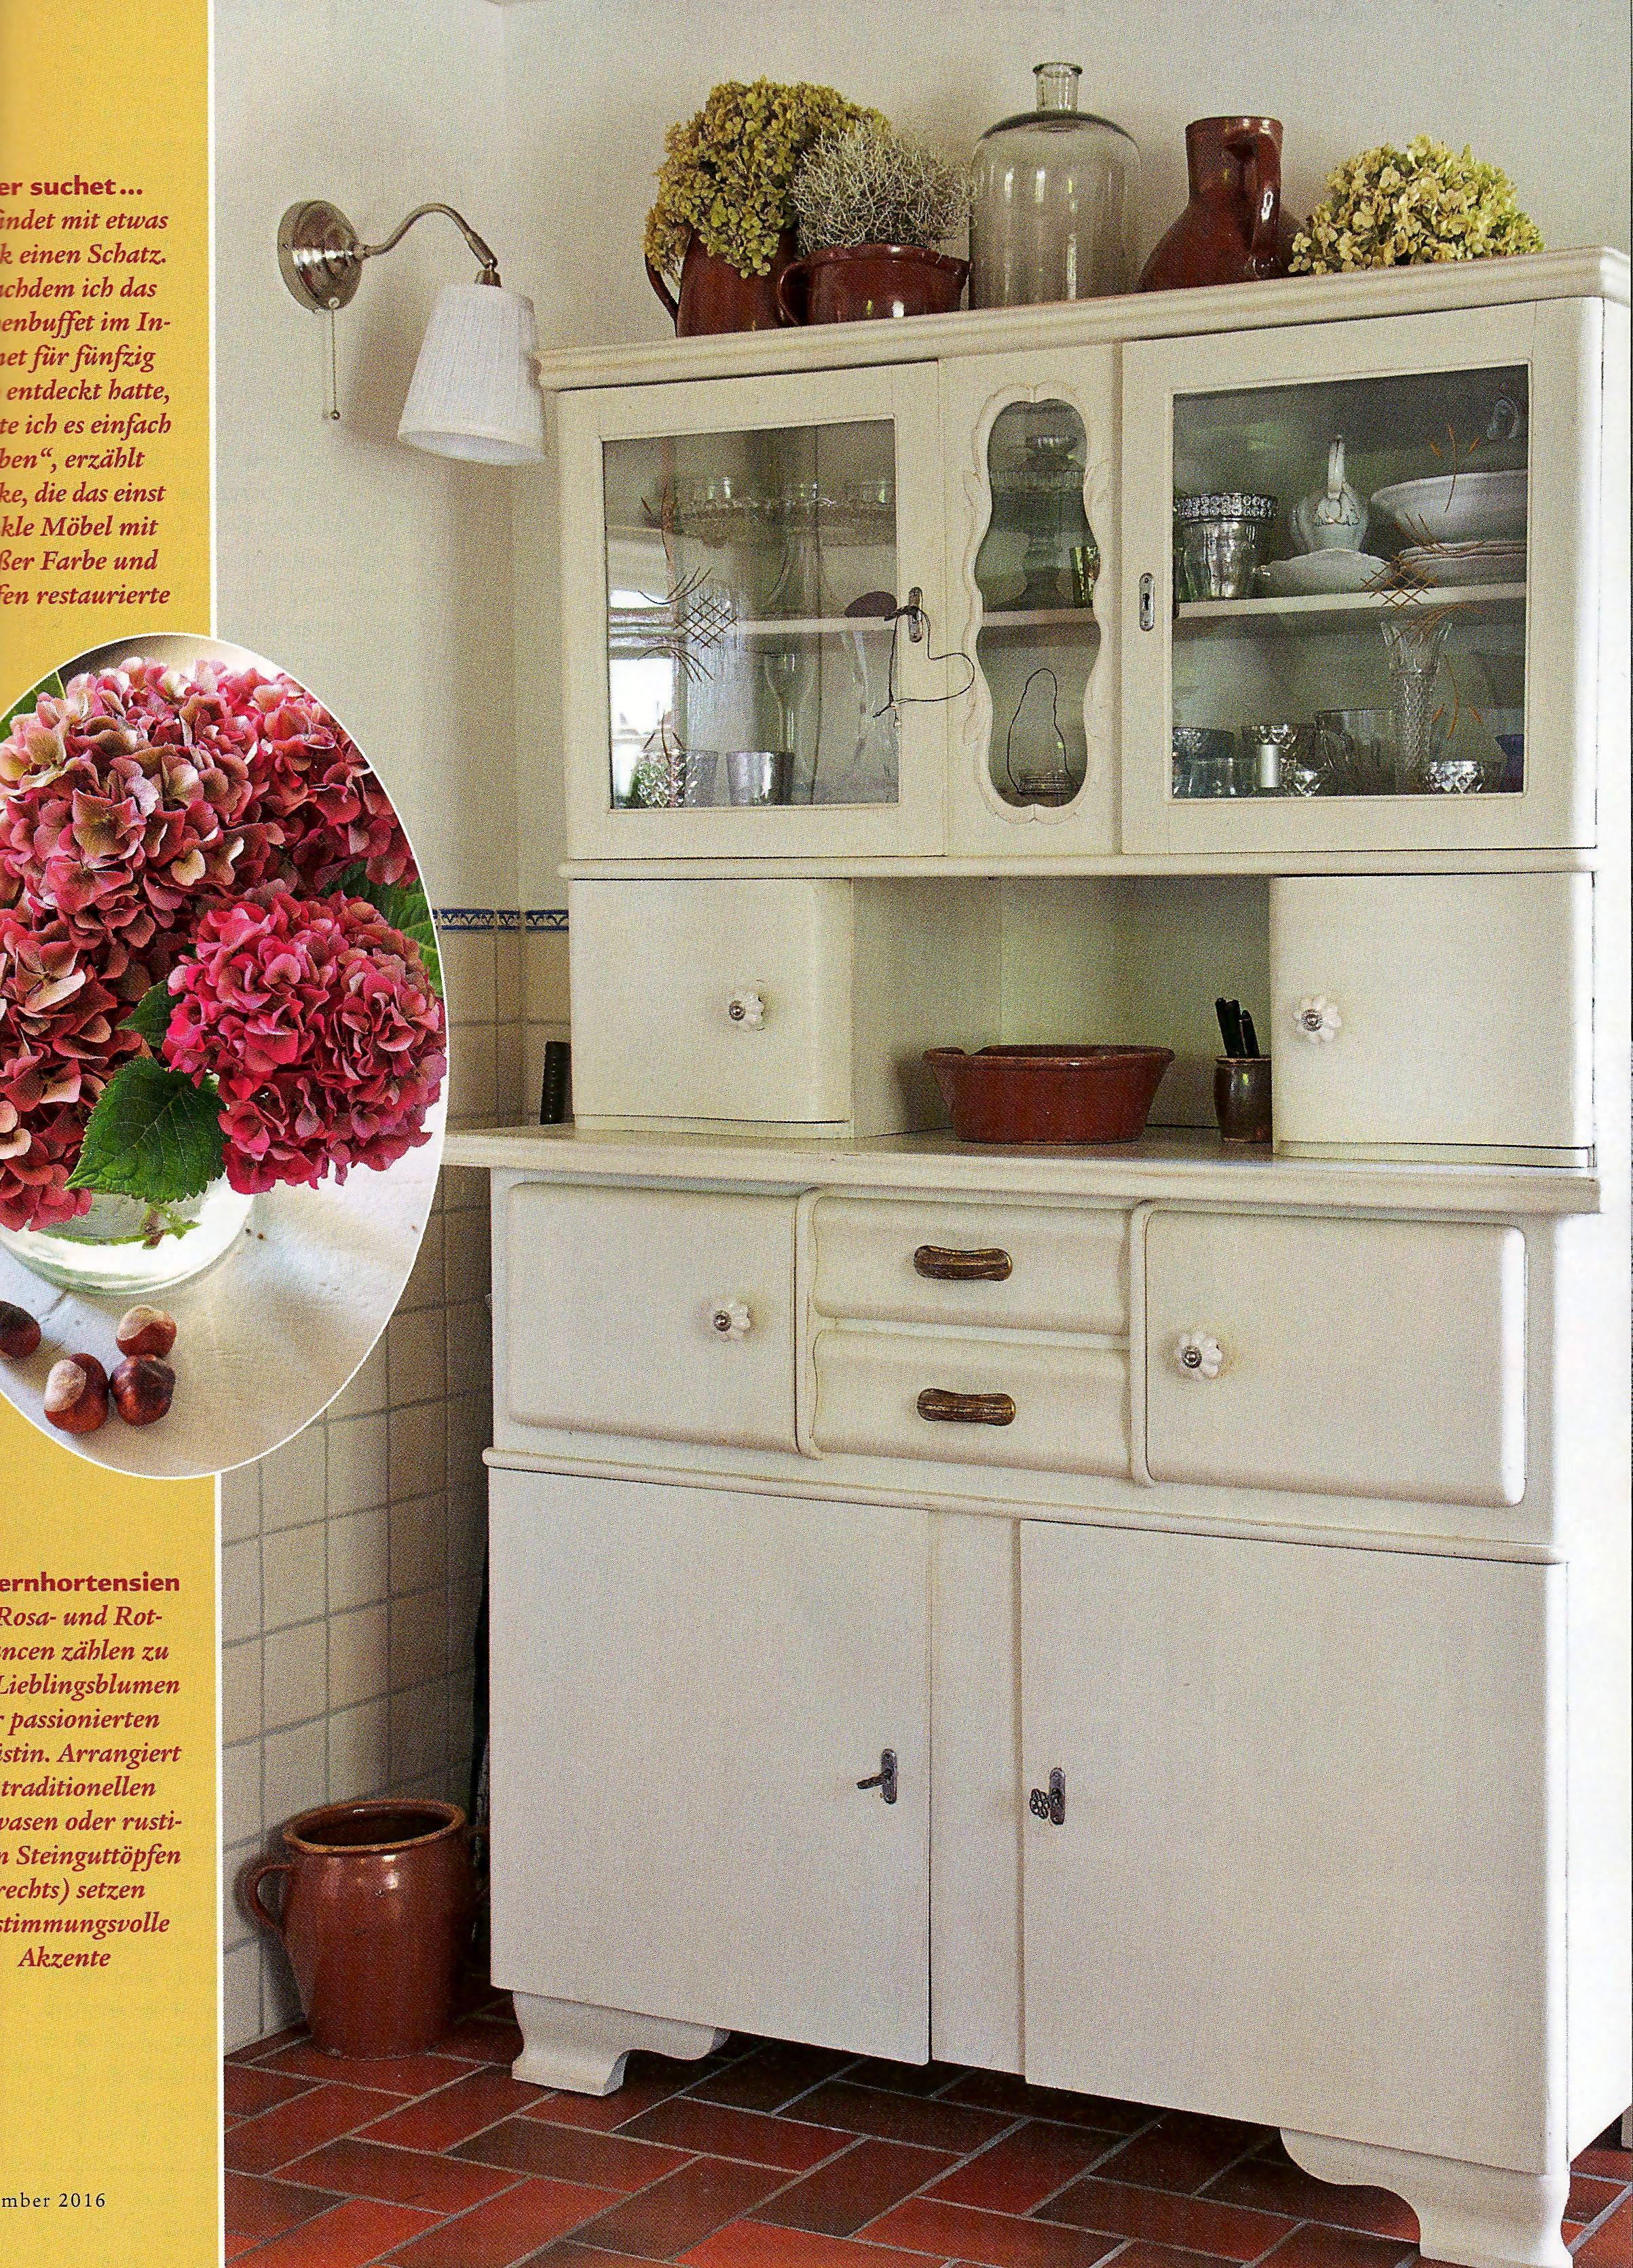 Garten Magazine kitchen storage wohnen und garten magazine beautiful home